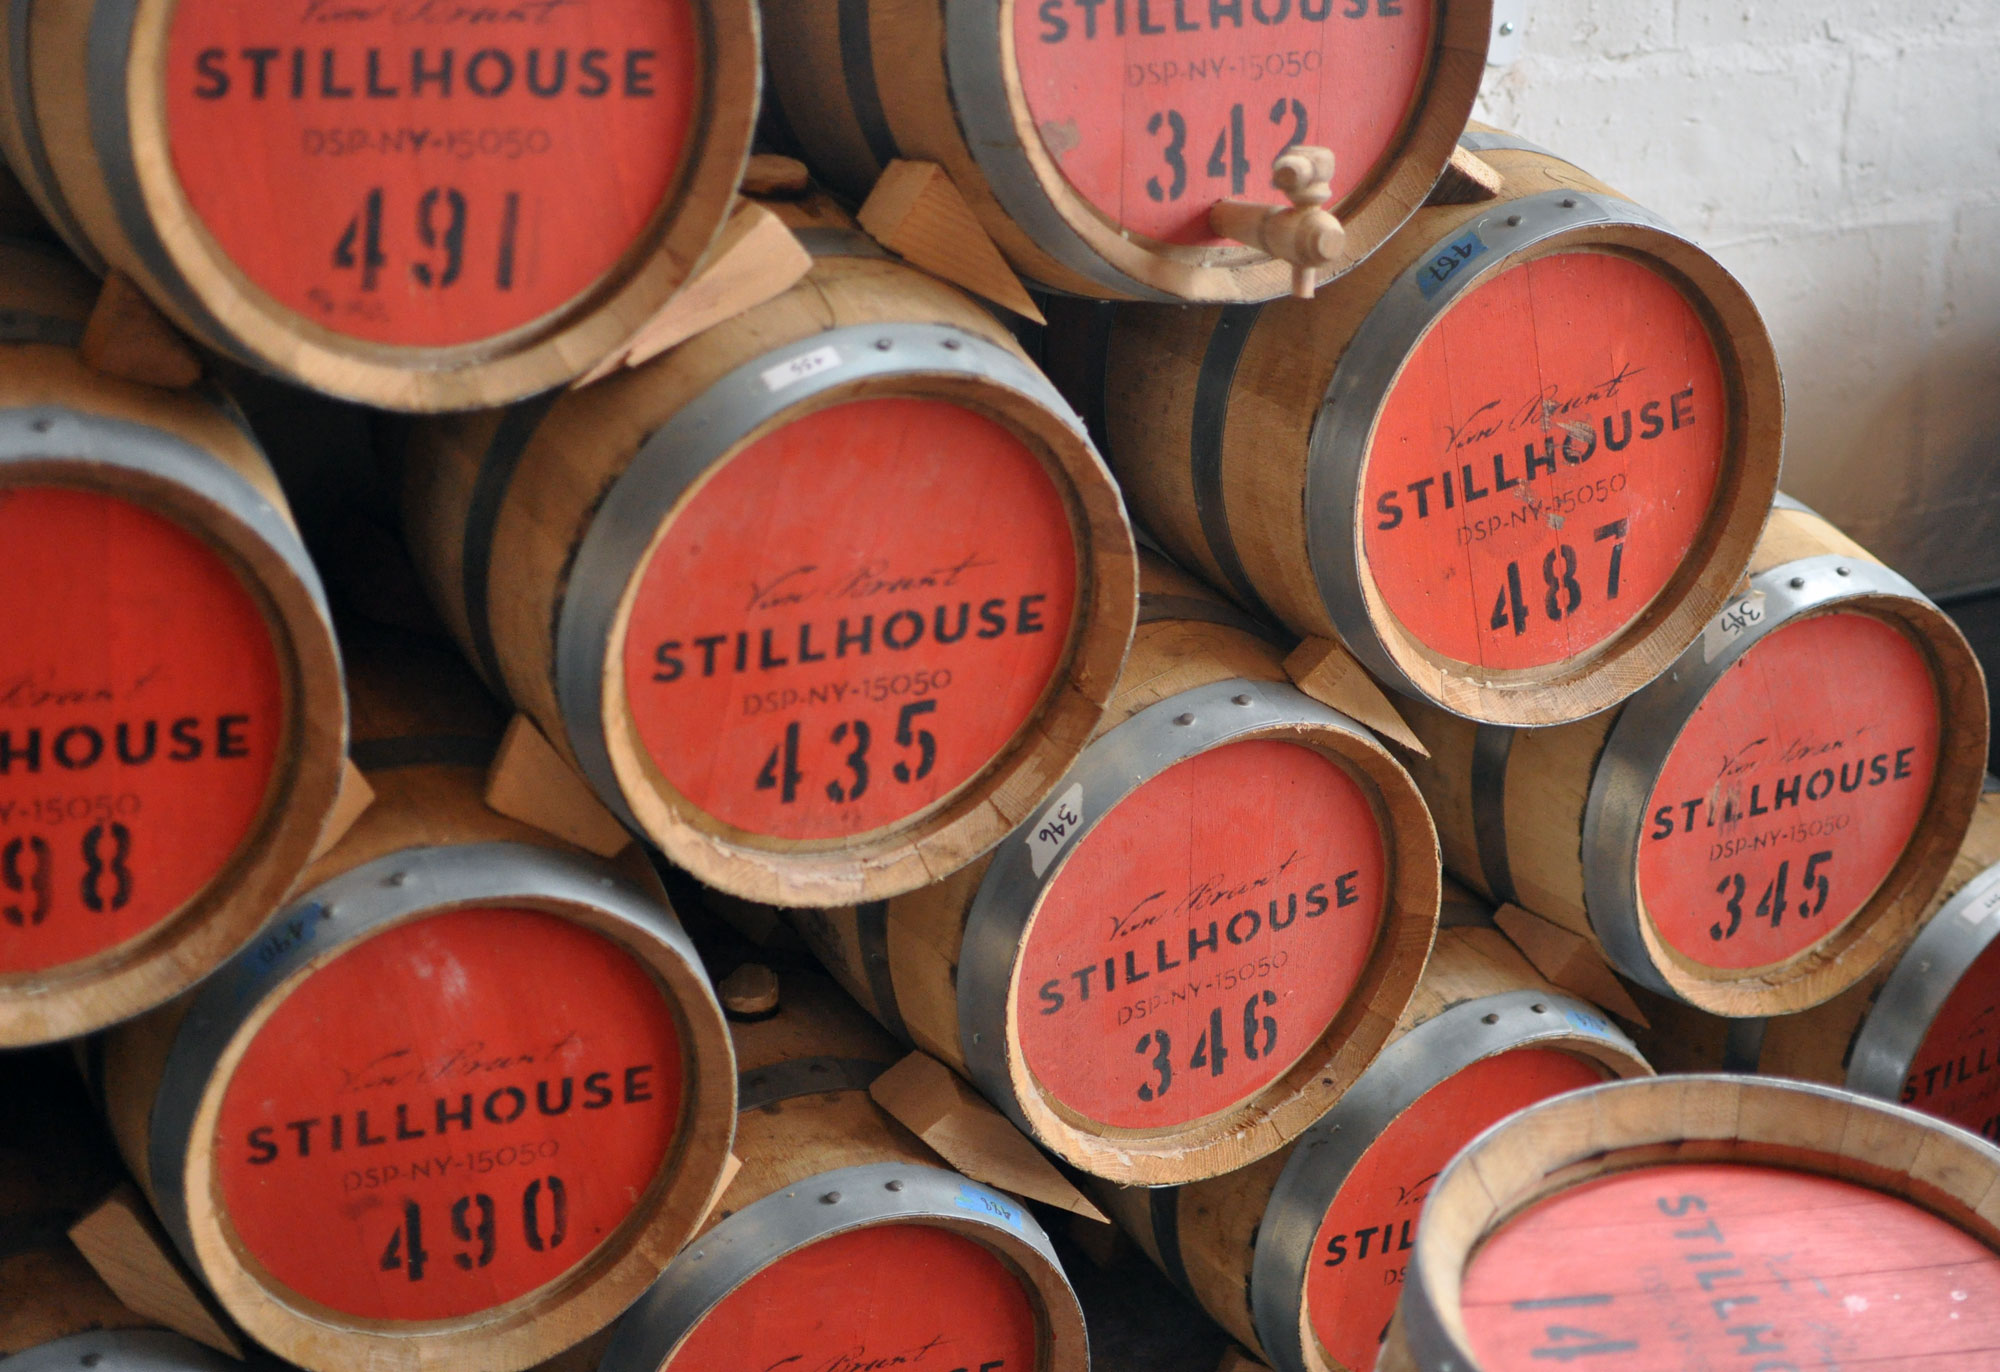 Van Brunt Stillhouse aging barrels